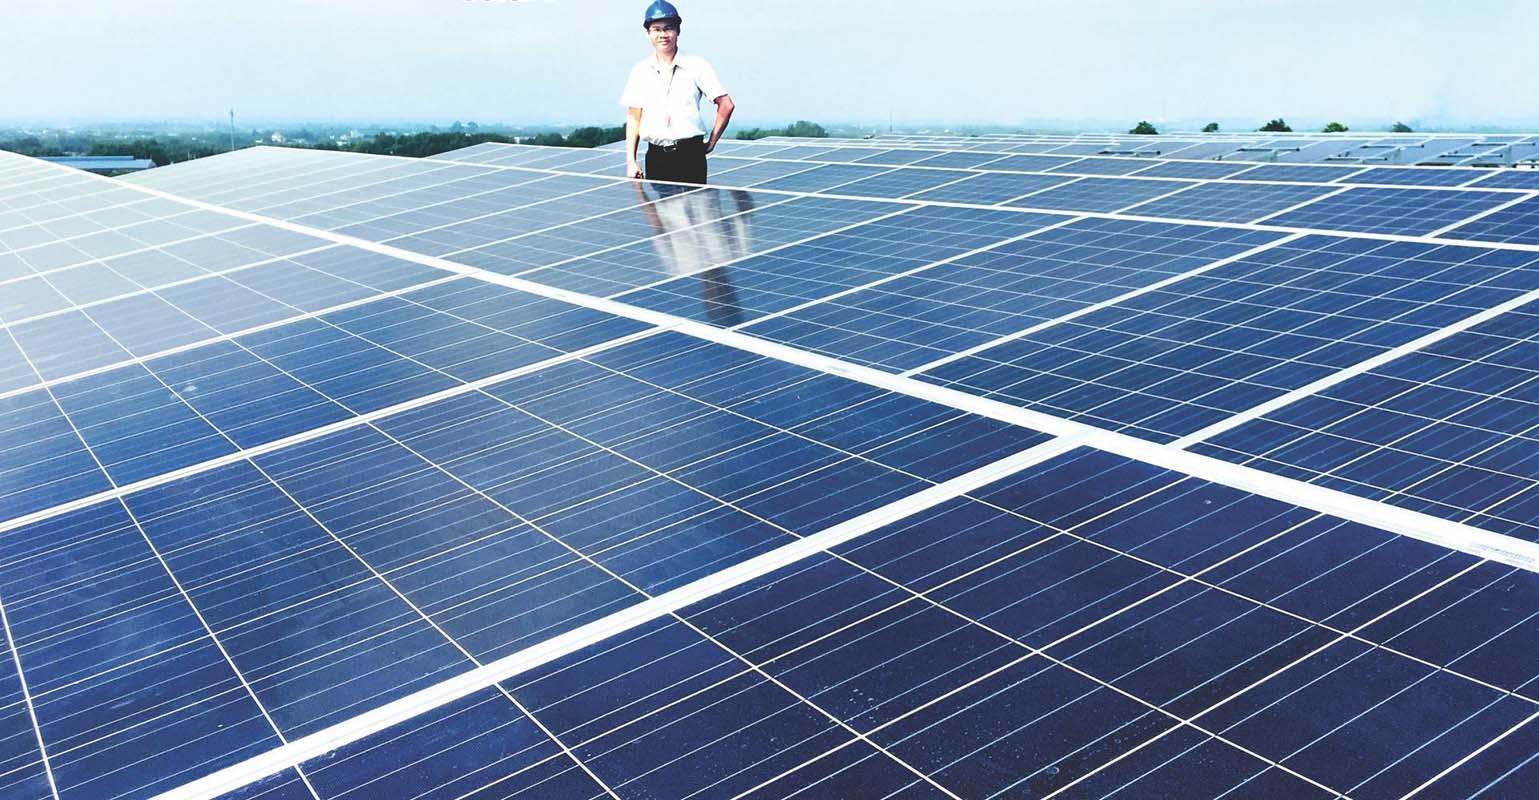 Вьетнам обошёл Австралию по установленной мощности промышленных солнечных электростанций